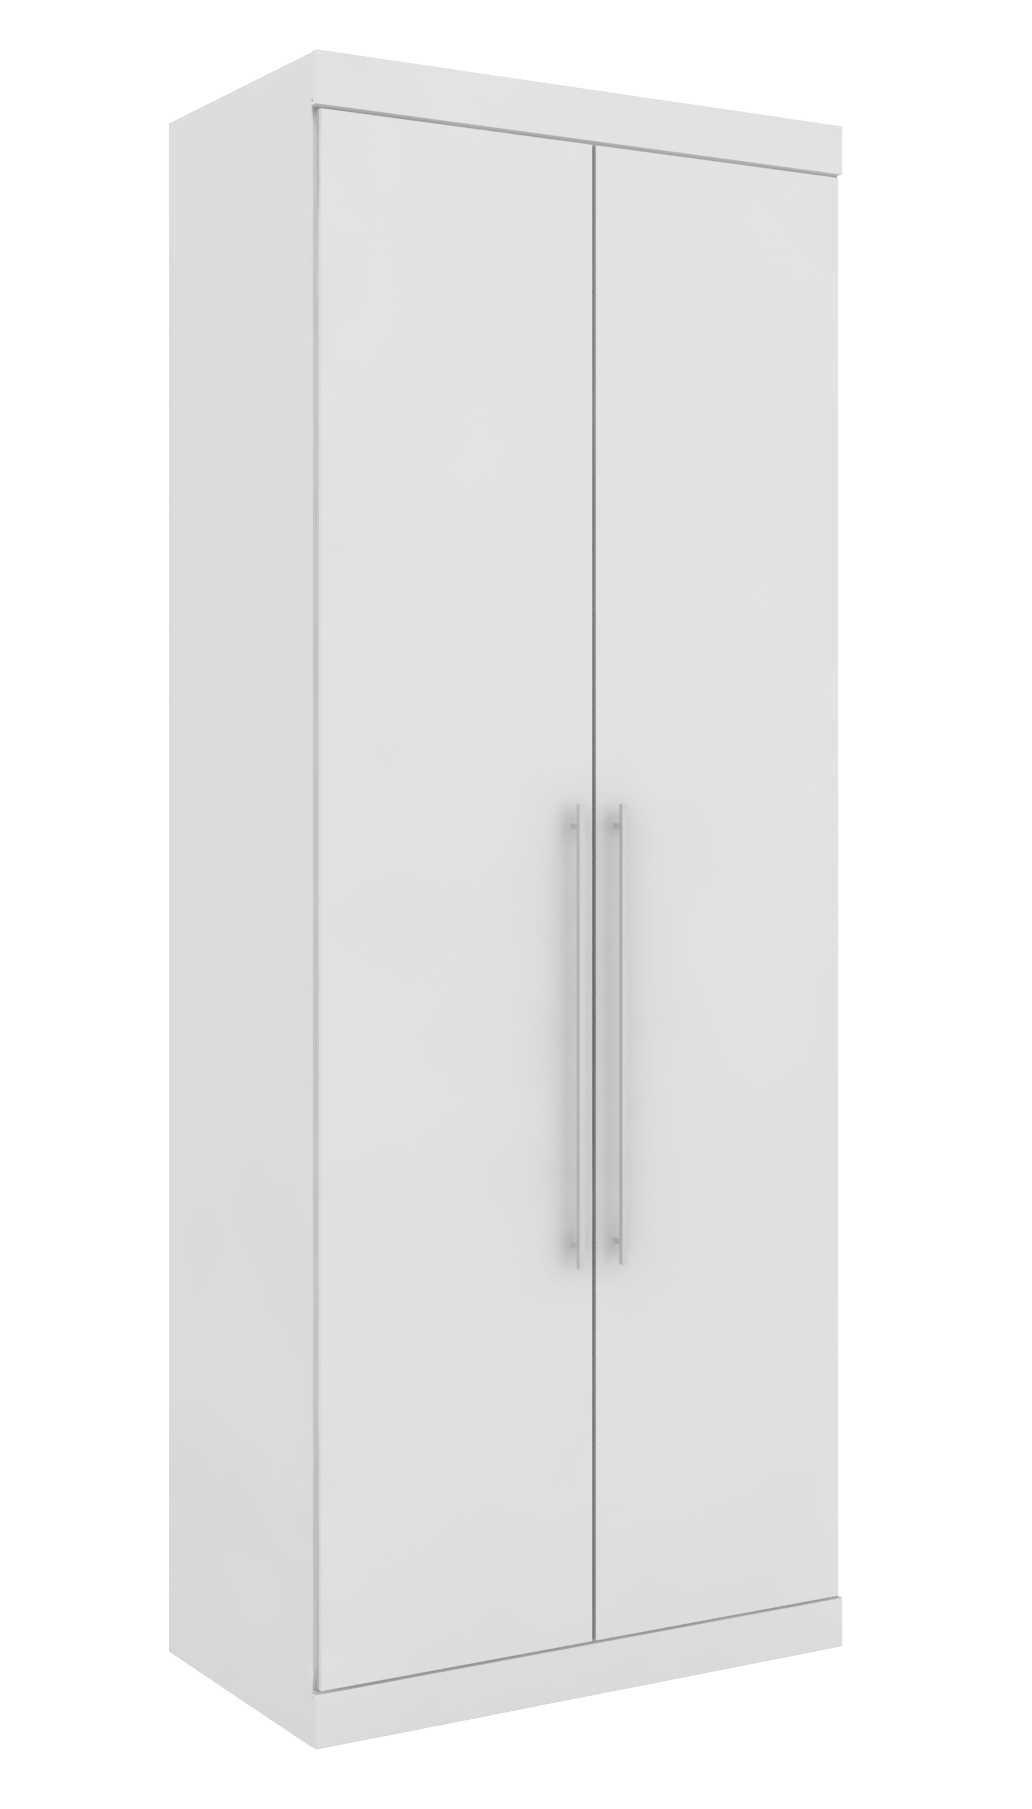 Armário Modulado Supreme 2 Portas 89cm 3 Gavetas e Prateleiras Branco Fosco e Branco Madeirado Robel Móveis